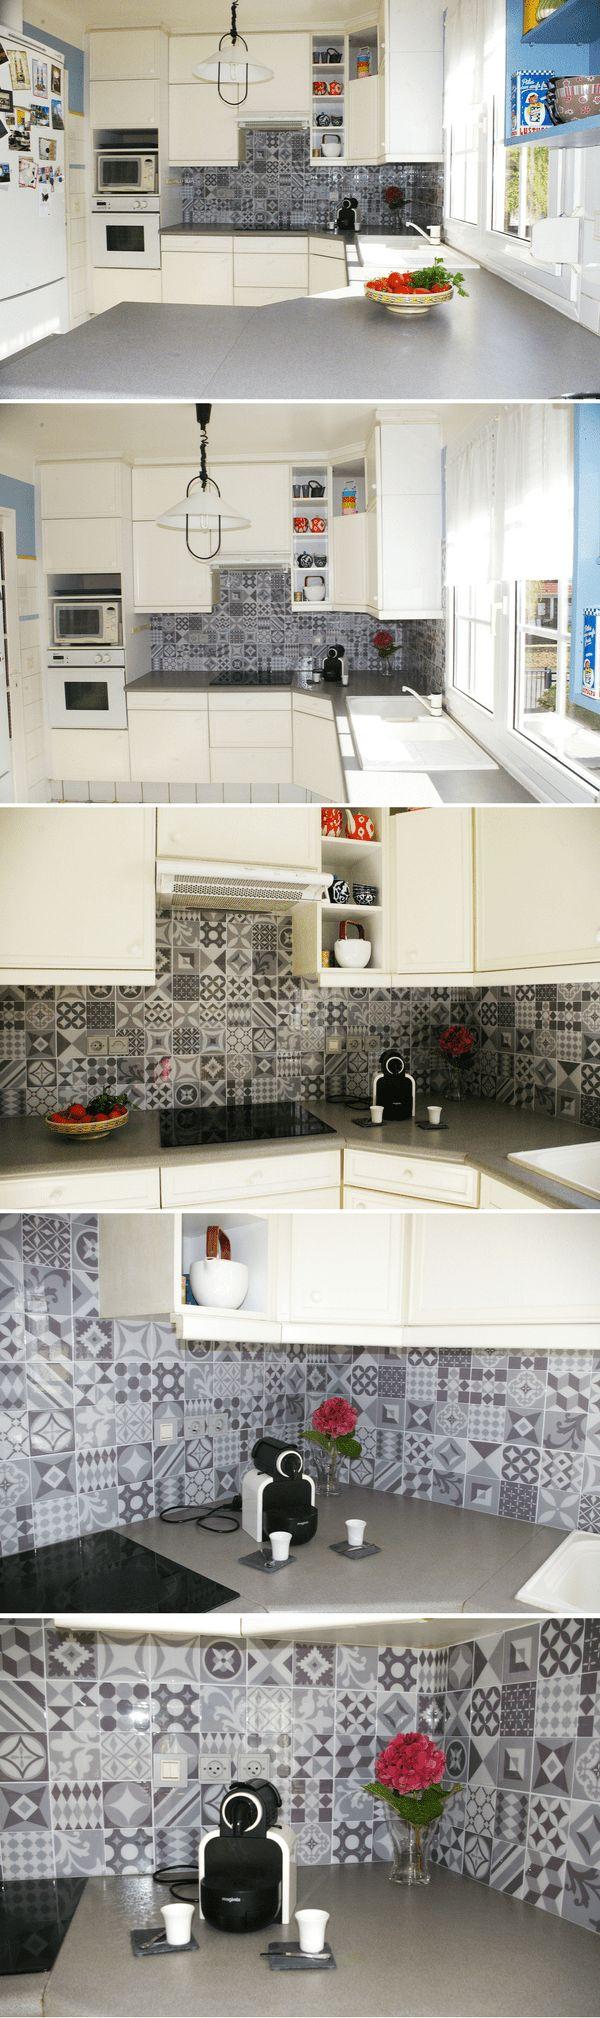 les 518 meilleures images du tableau carrelage adh sif sur pinterest imitation carreaux de. Black Bedroom Furniture Sets. Home Design Ideas